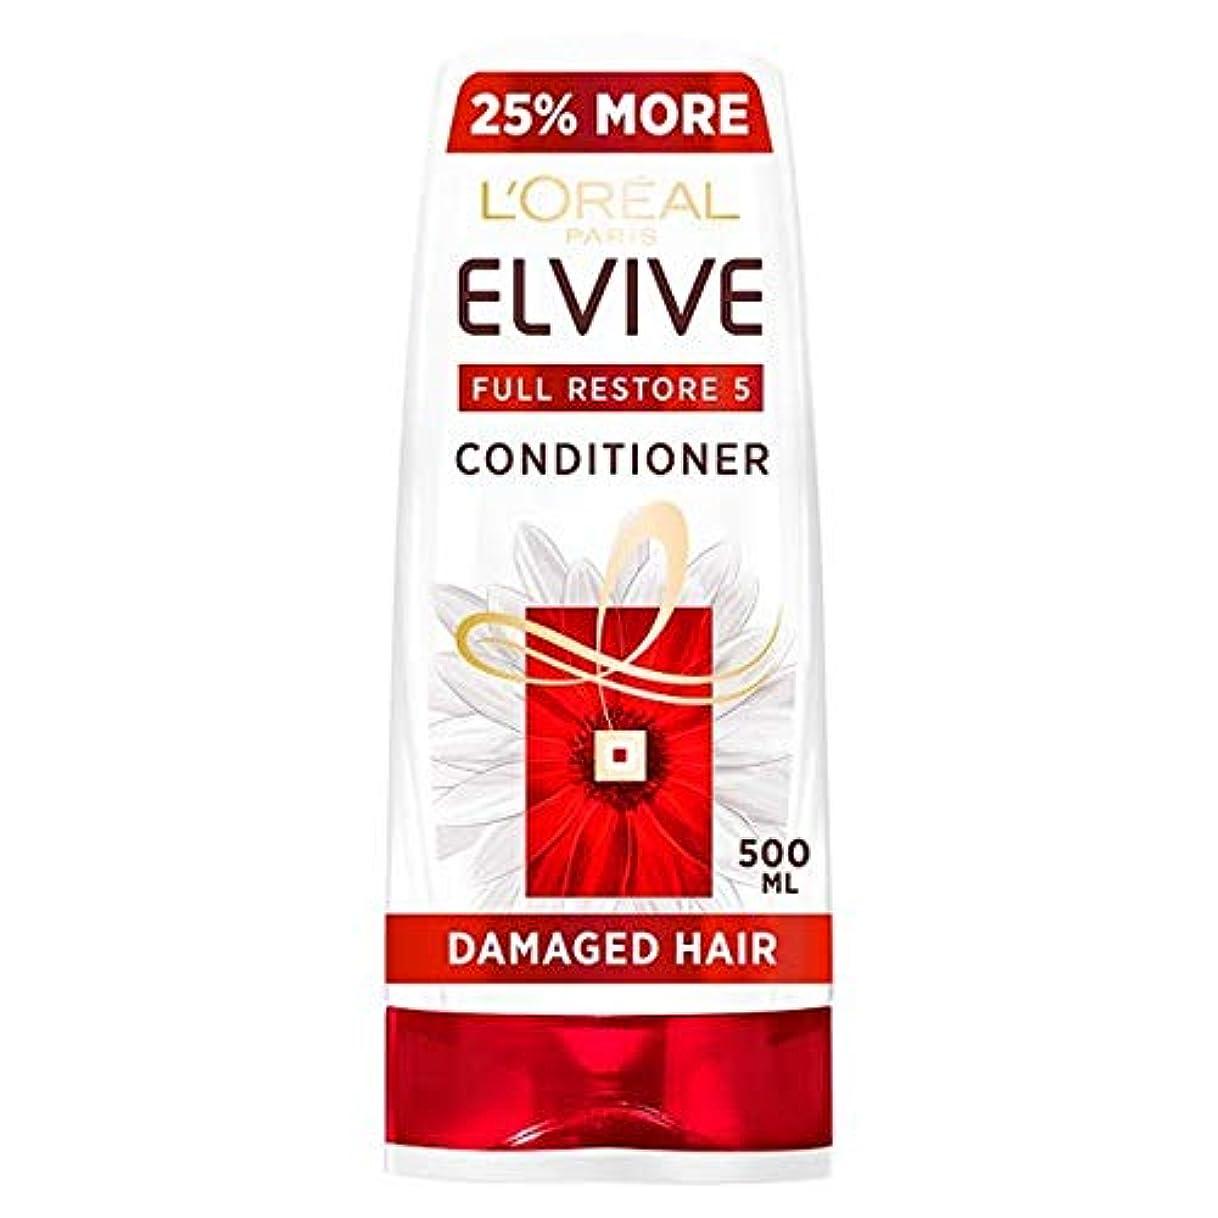 関数ハンディキャップ入る[Elvive] ロレアルElvive極度のダメージヘアコンディショナー500ミリリットル - L'oreal Elvive Extreme Damaged Hair Conditioner 500Ml [並行輸入品]